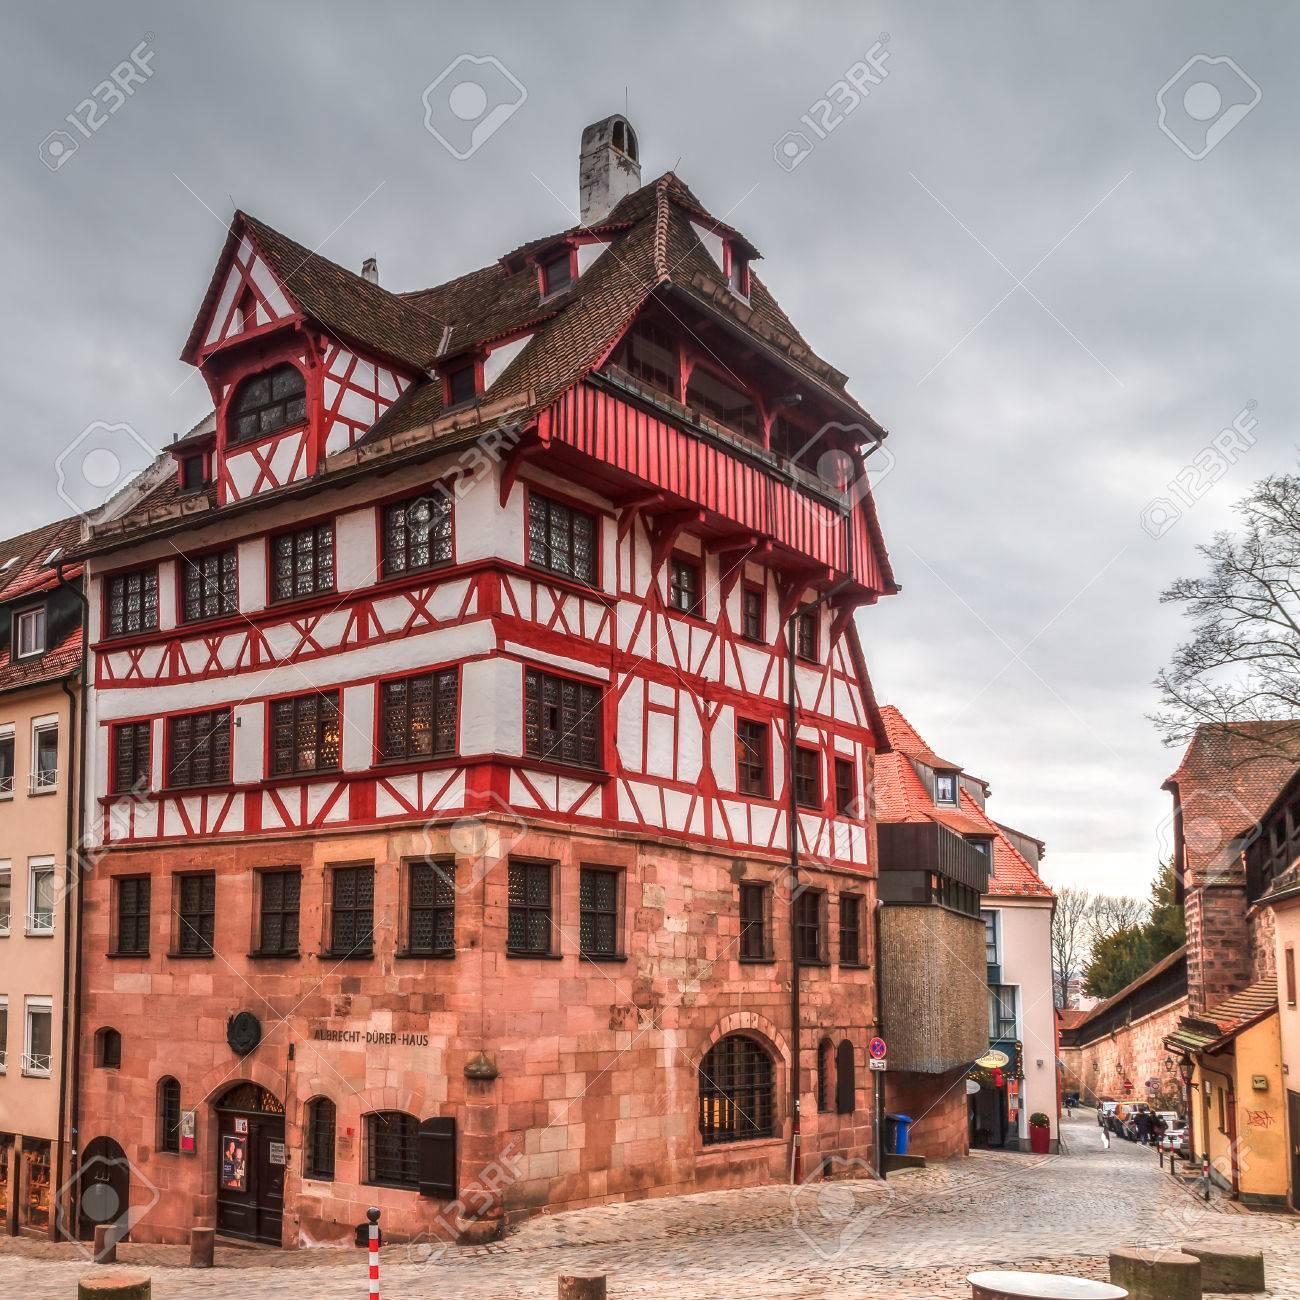 Historische Albrecht-Dürer-Haus In Nürnberg, Bayern Deutschland An ...